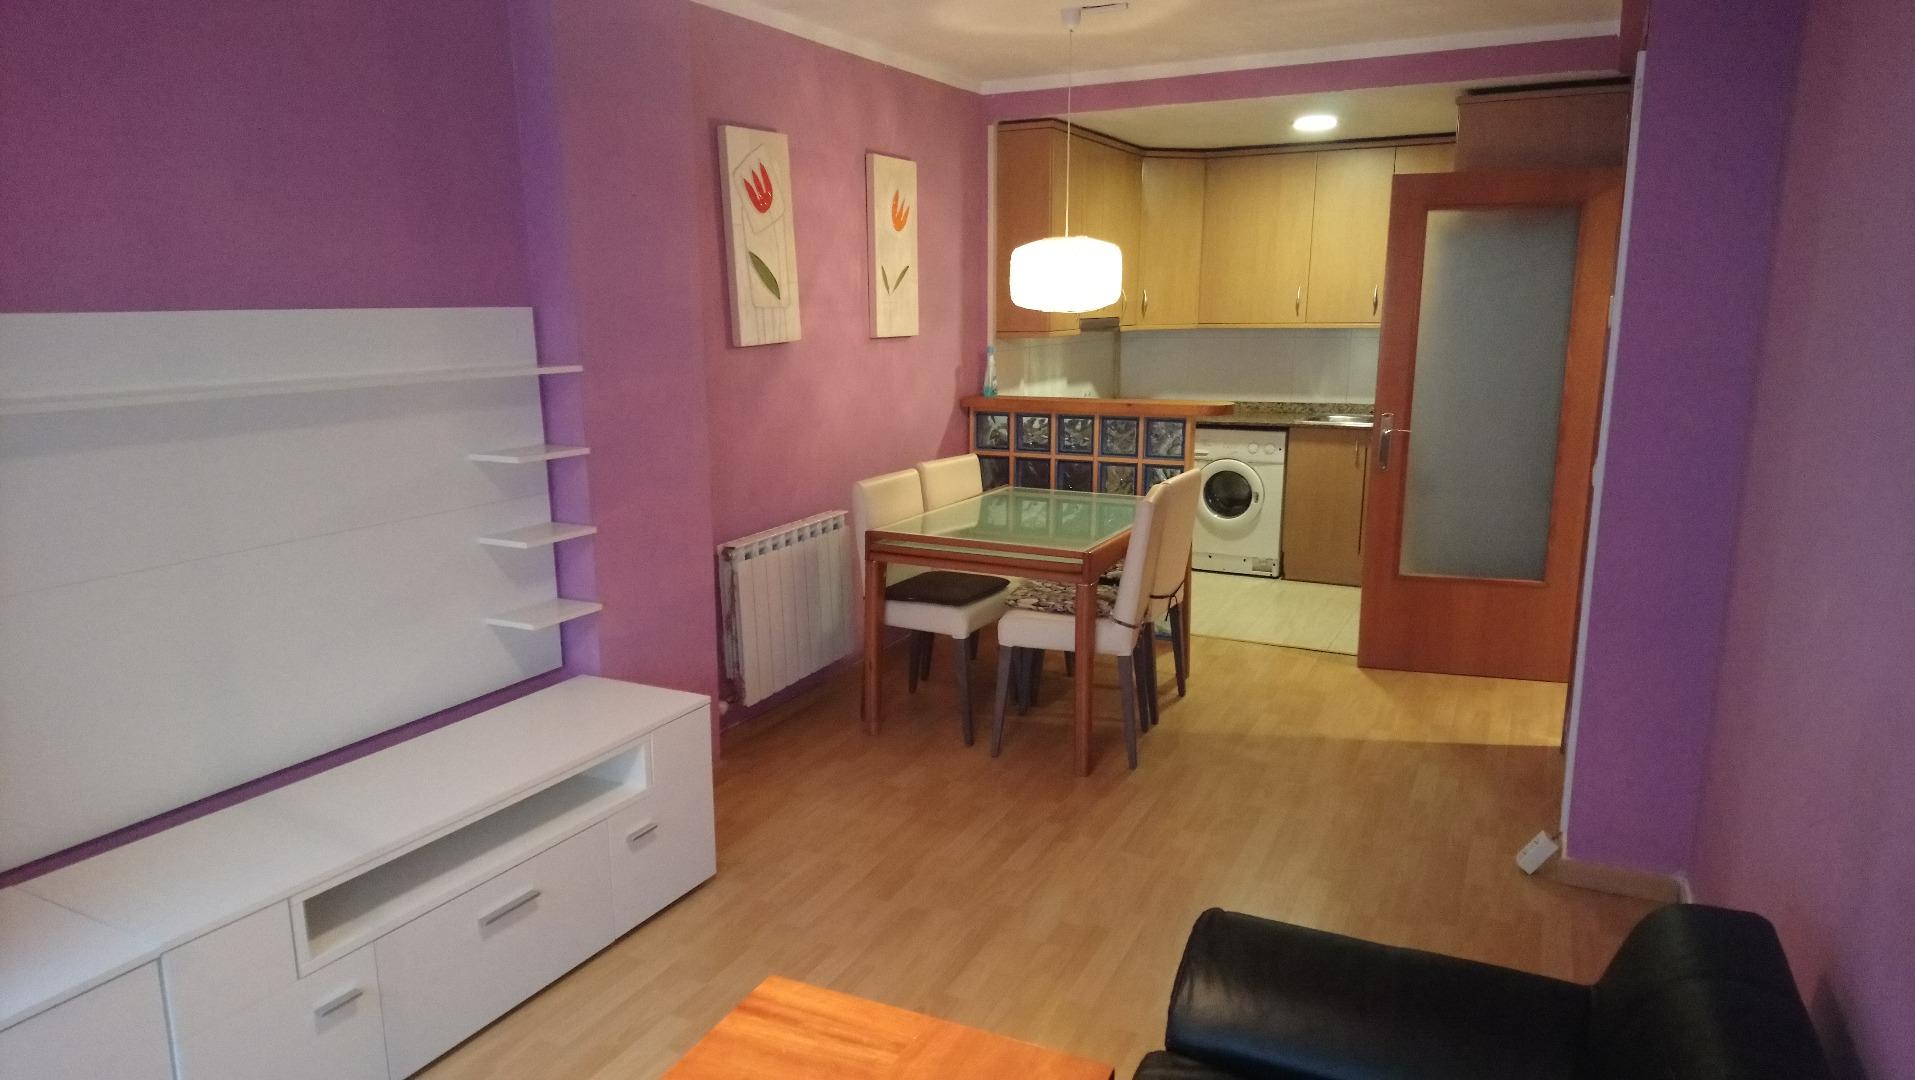 Affitto Appartamento  Carrer santiago rusiñol. Pis en planta baixa al c/ santiago rusiñol, amb rebedor, 3 habit